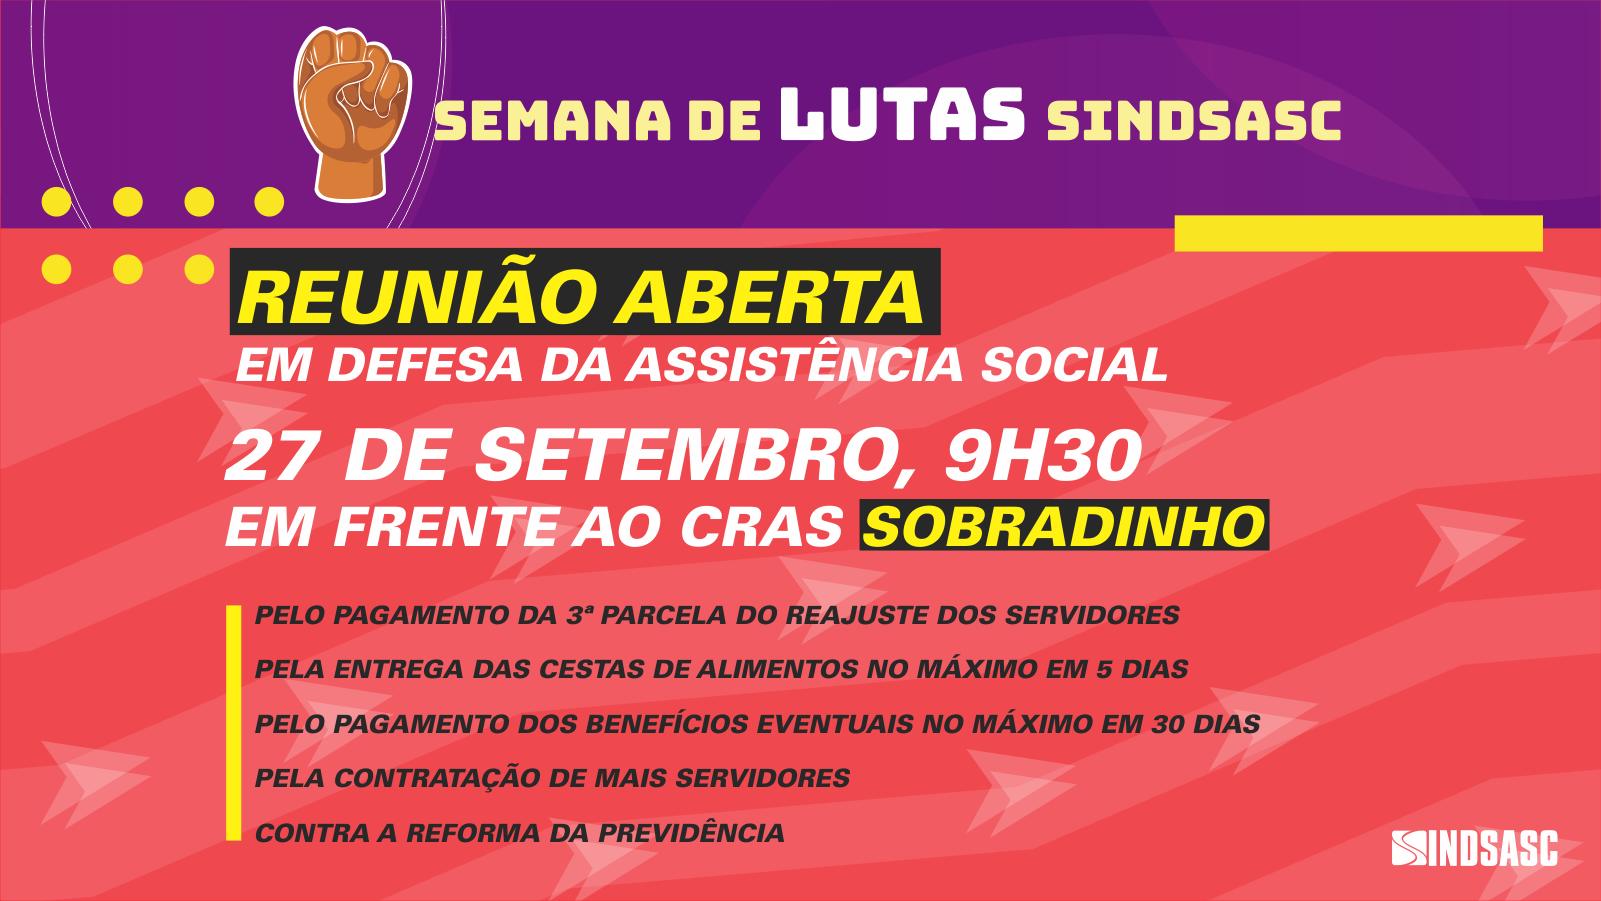 Sobradinho recebe reunião aberta do Sindsasc em 27 de setembro